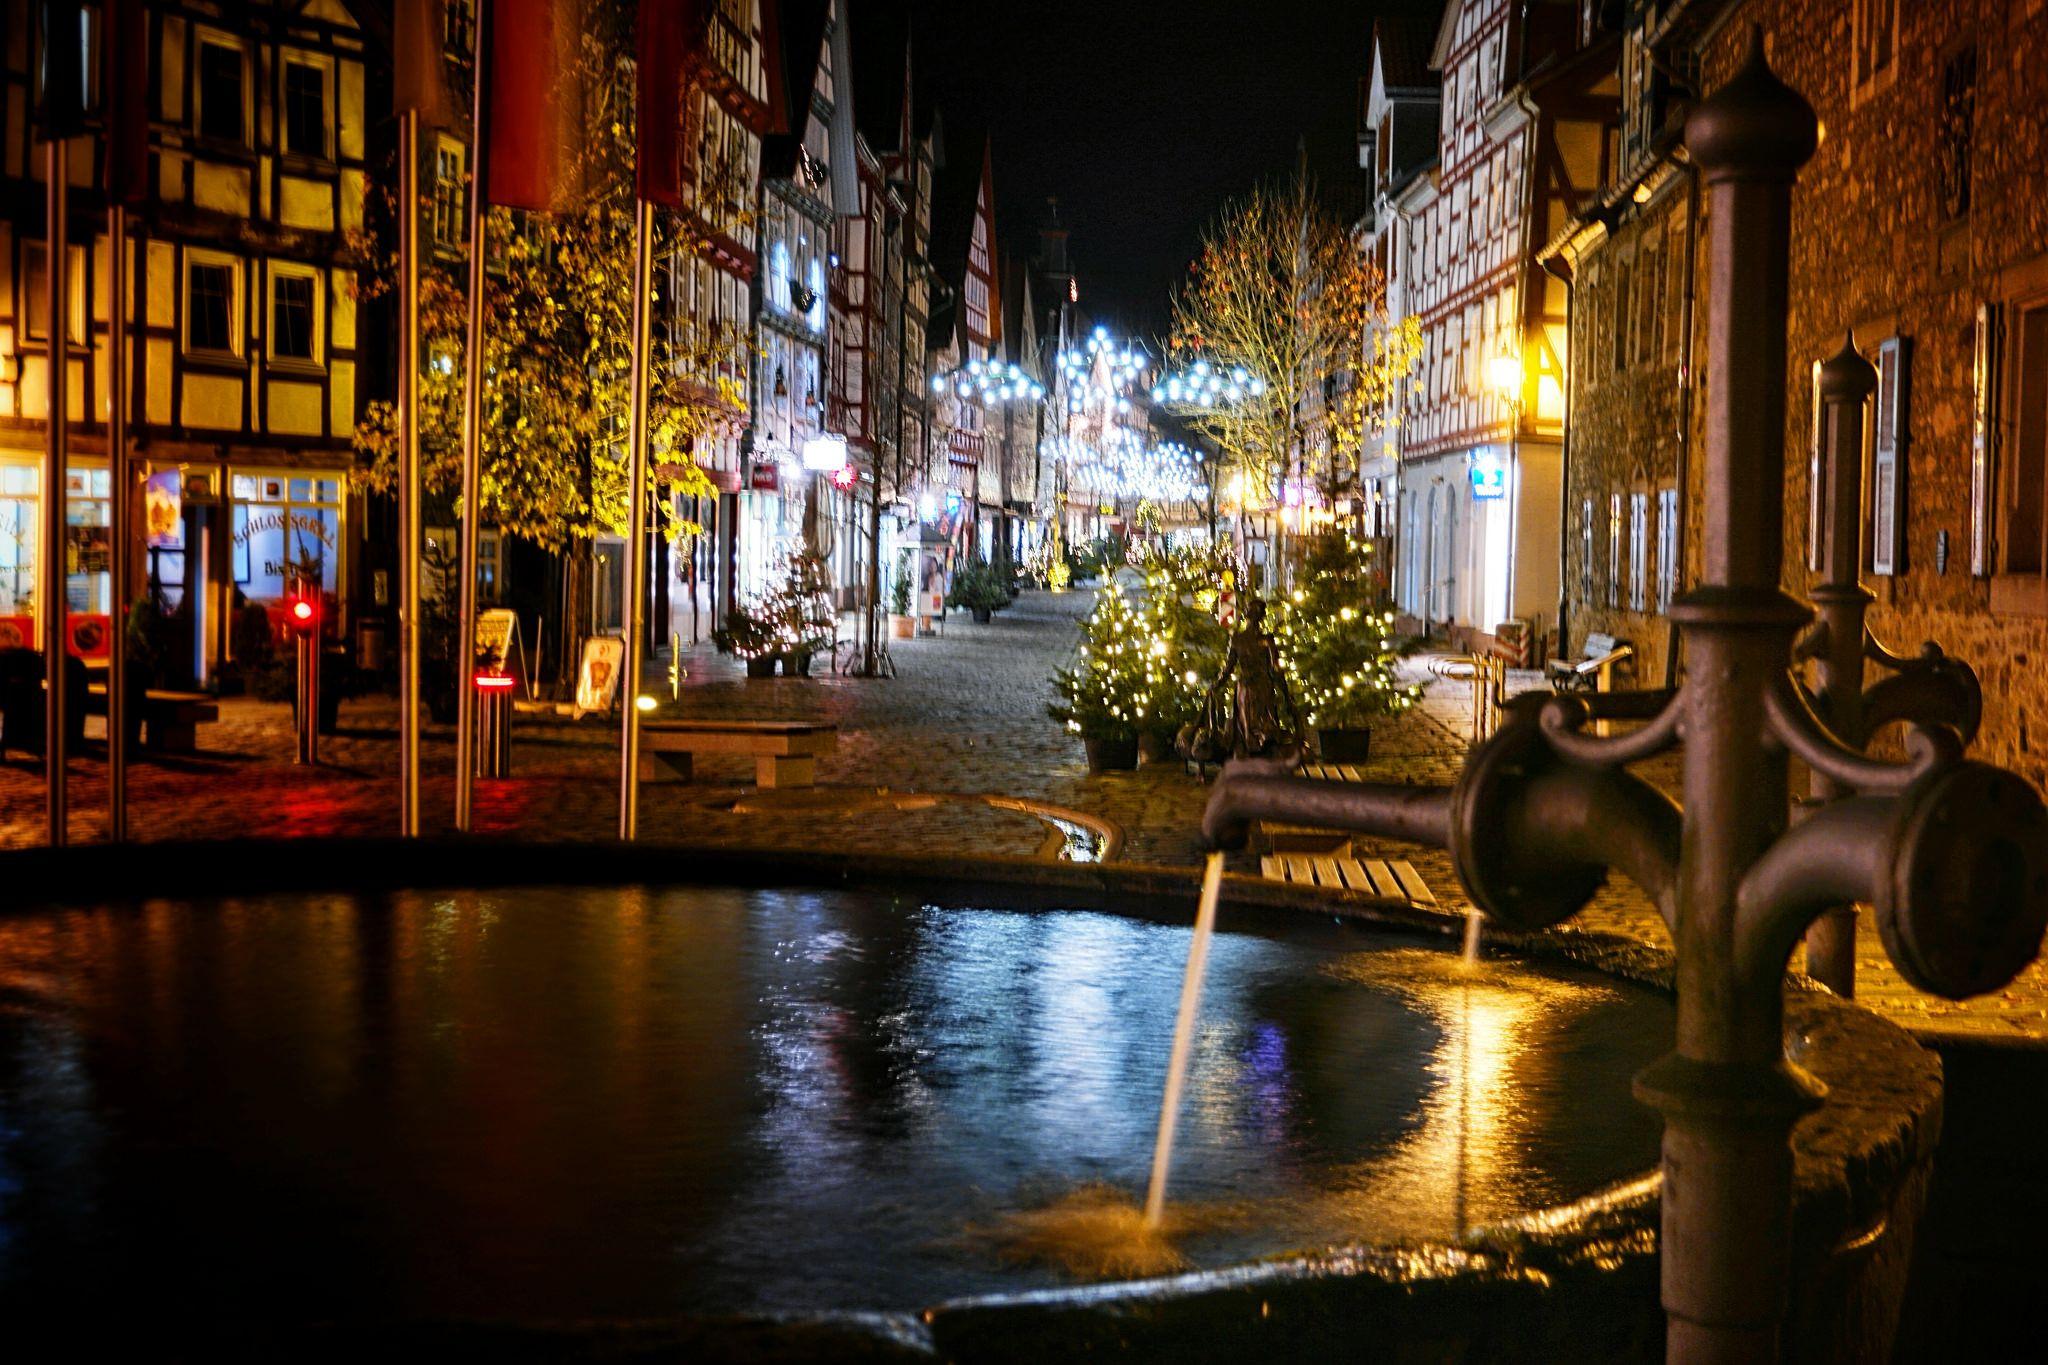 Weihnachtsmarkt Melsungen.Melsungen Bei Nacht Melsungen Melsungen Nacht Und Deutschland